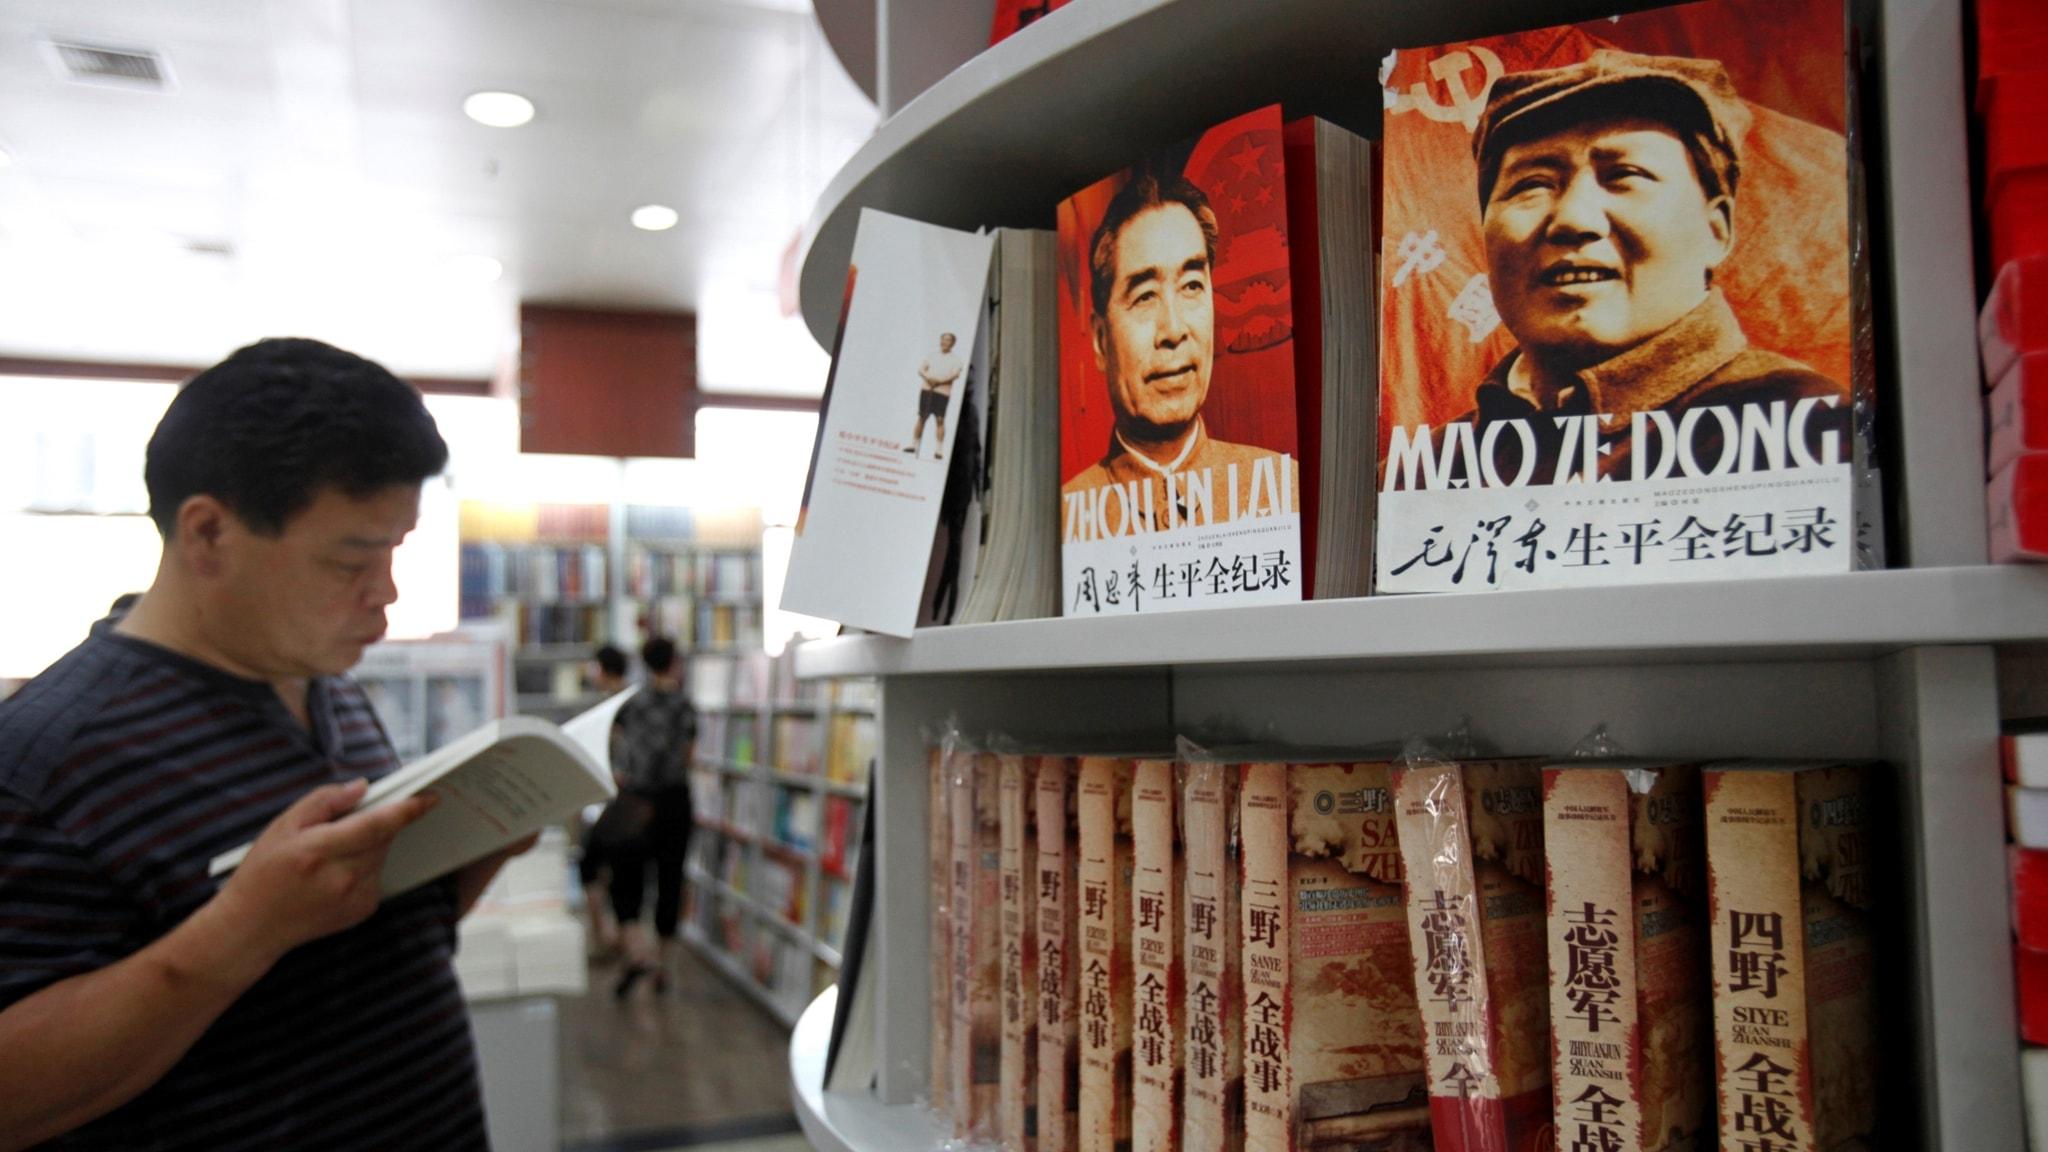 En bokhandel i Peking, med litteratur om kommunistledarna.